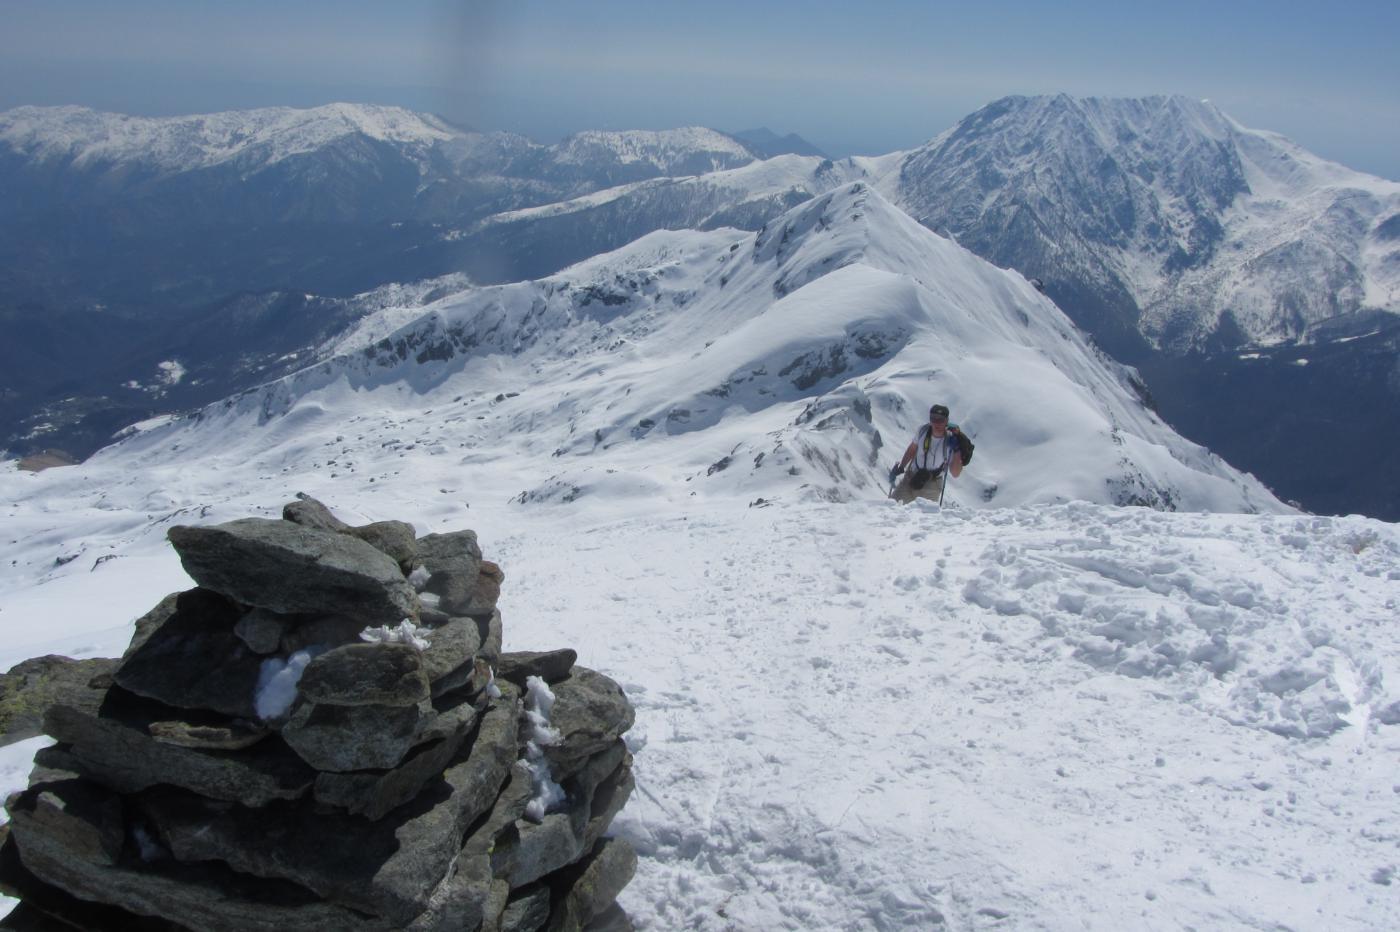 Mark in arrivo in cima...dietro di lui Passo Miette, Cresta Montù e Civrari...